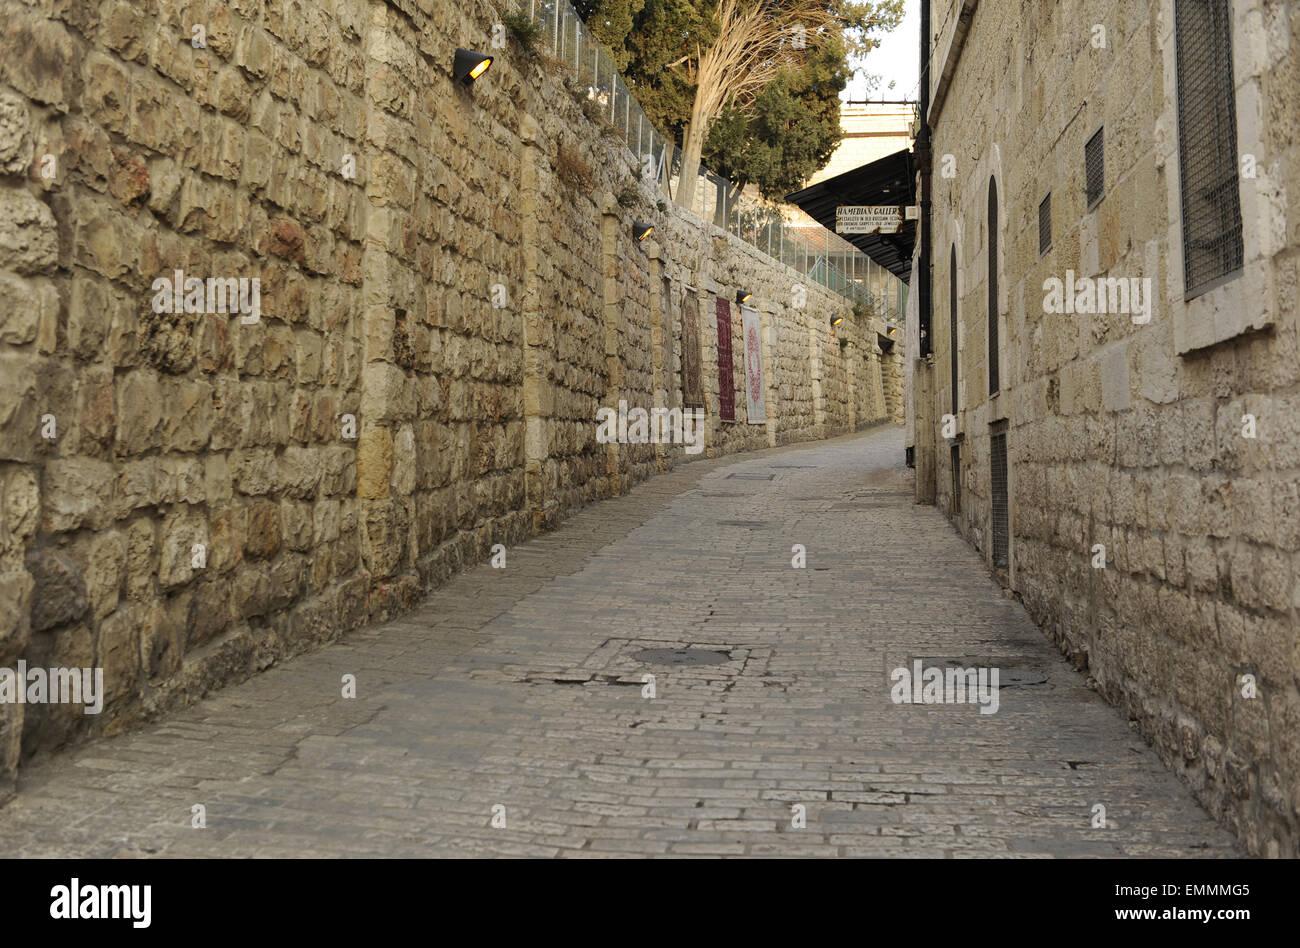 Israel. Jerusalem. Via Dolorosa. Straße der alten Stadt, die traditionell mit Jesus ging das Kreuz, den Weg Stockbild